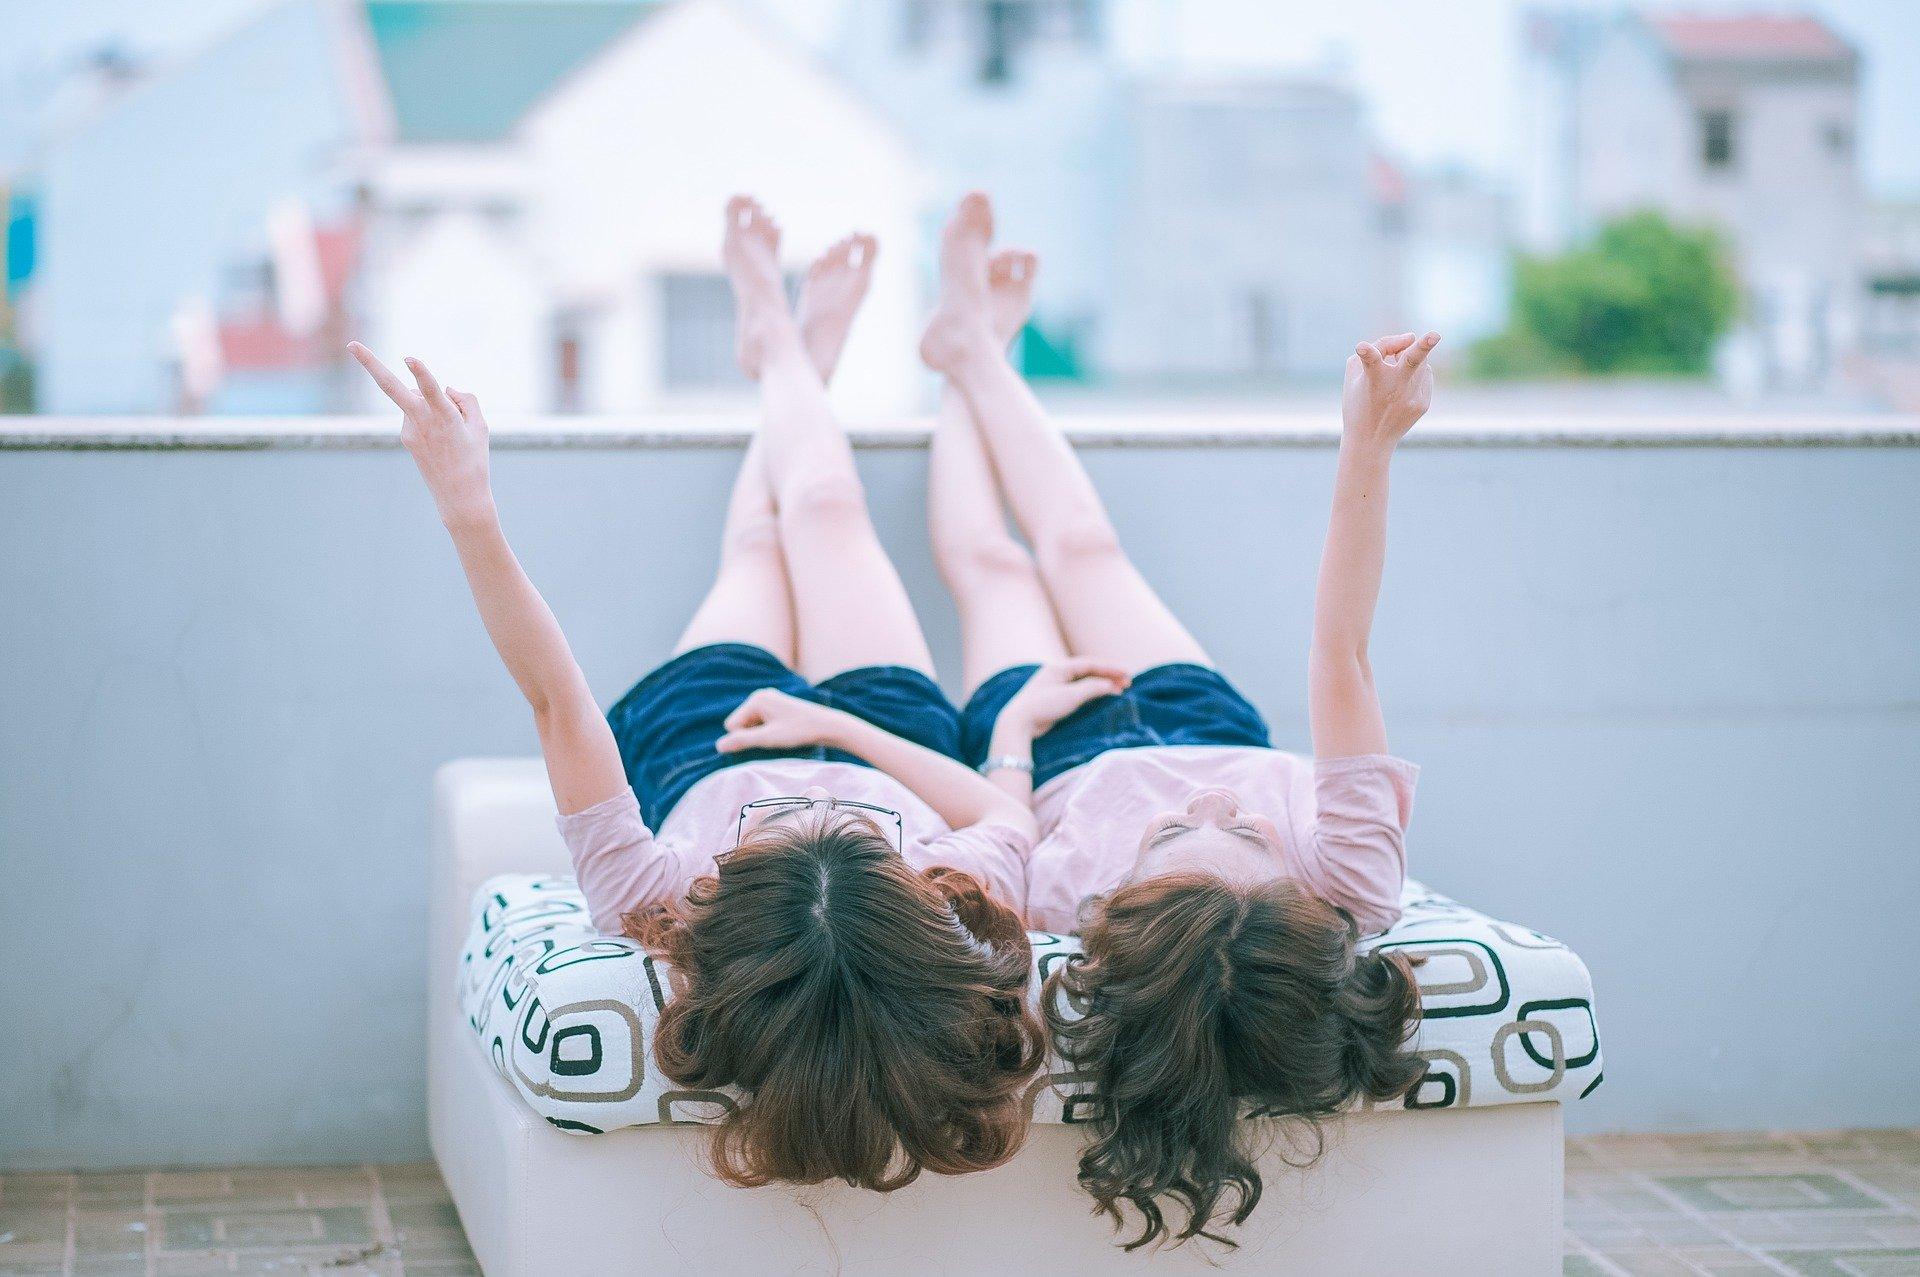 双子の子供が寝そべりながら手を上に上げている